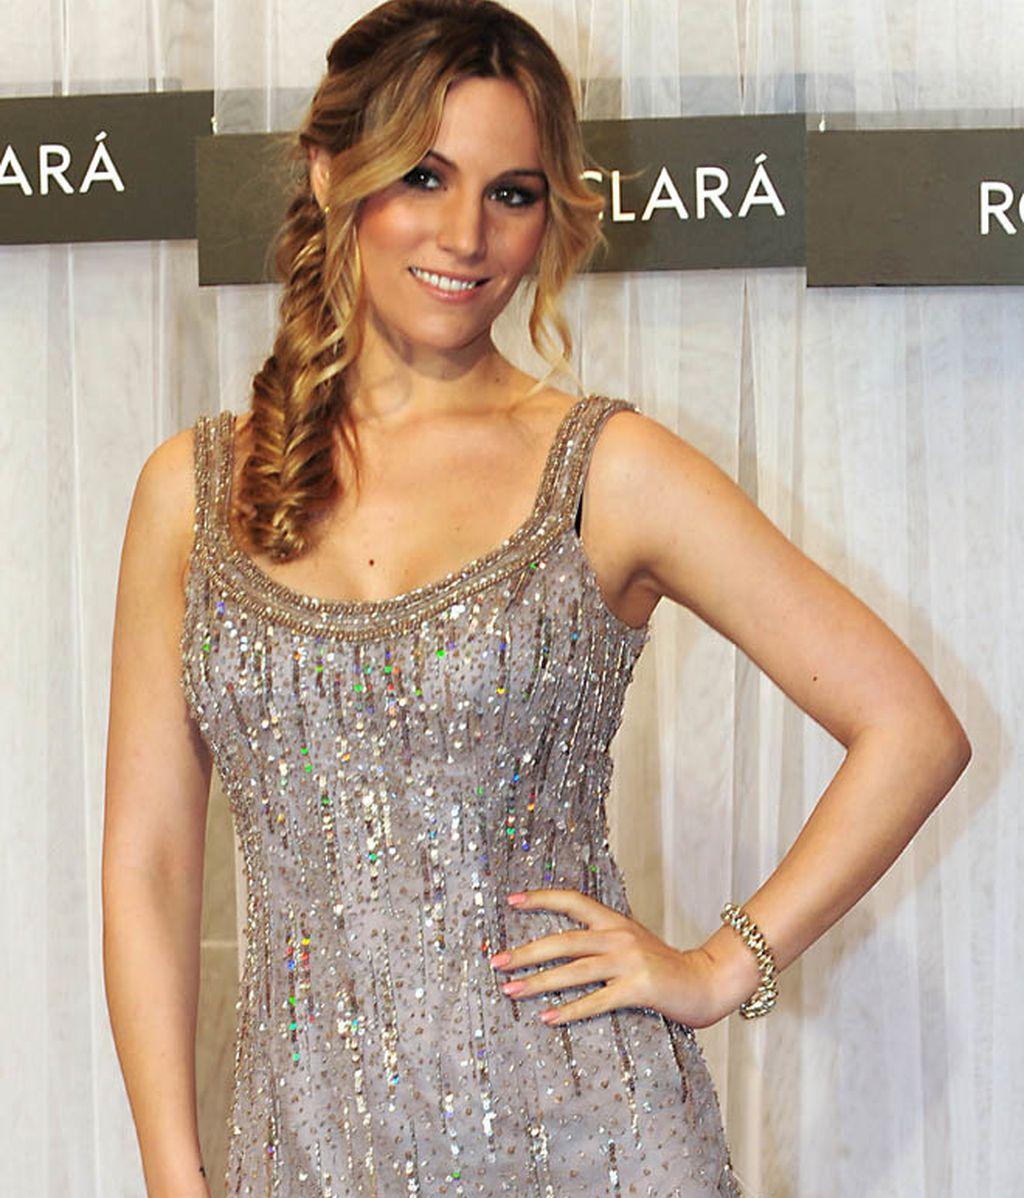 Úrsula Corberó, Elena Furiase y Edurne, listas para el 'sí quiero'